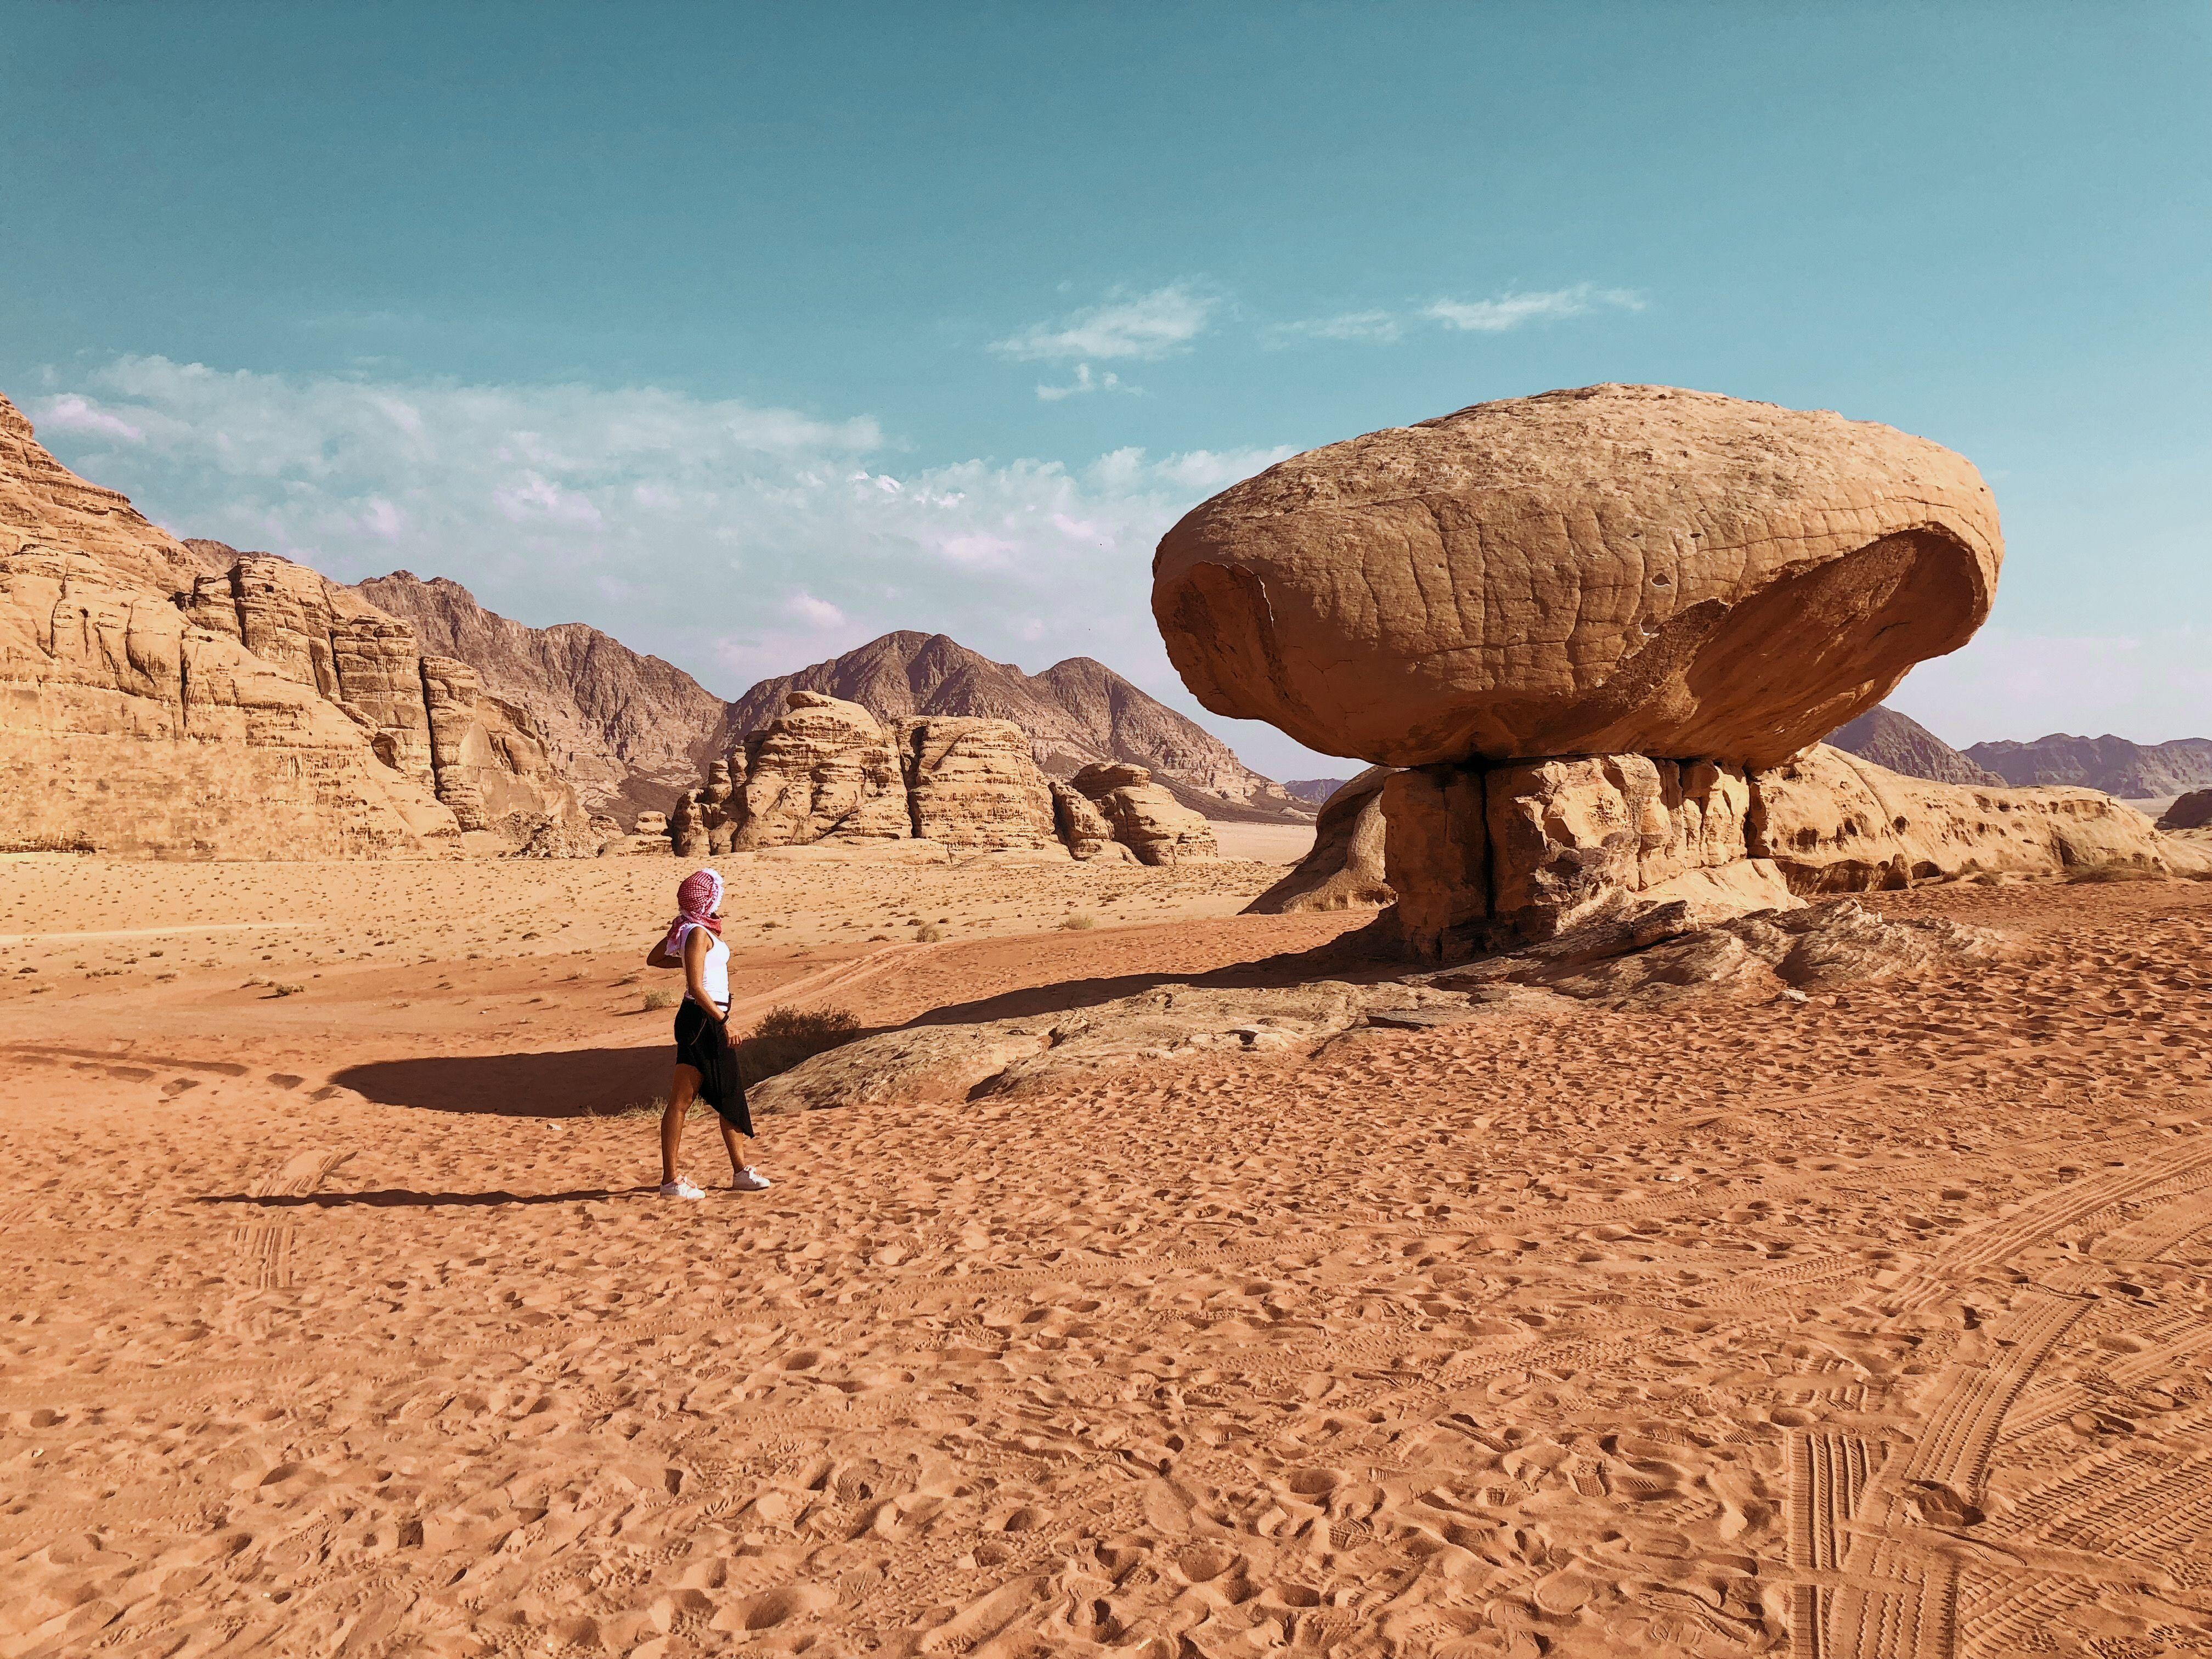 Día 2: Noche en el desierto de Wadi Rum